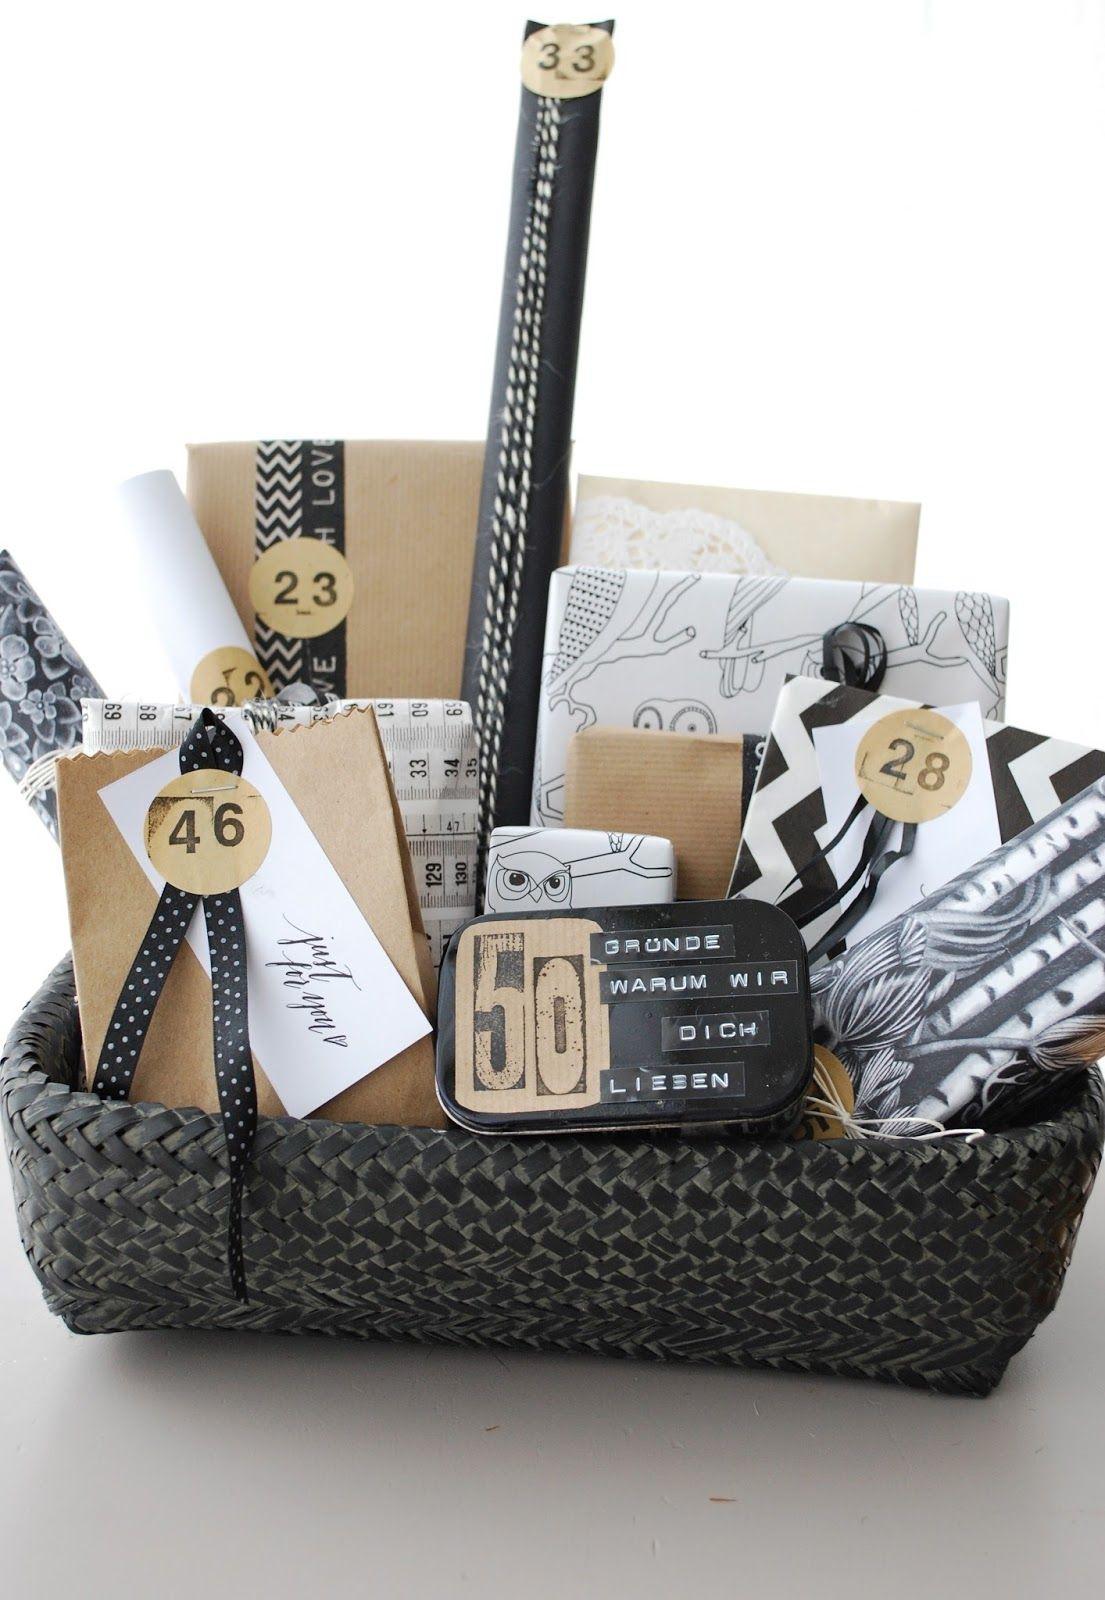 Geburtstagsgeschenk 50  Geburtstagsgeschenk 1 50 Gründe warum wir dich lieben